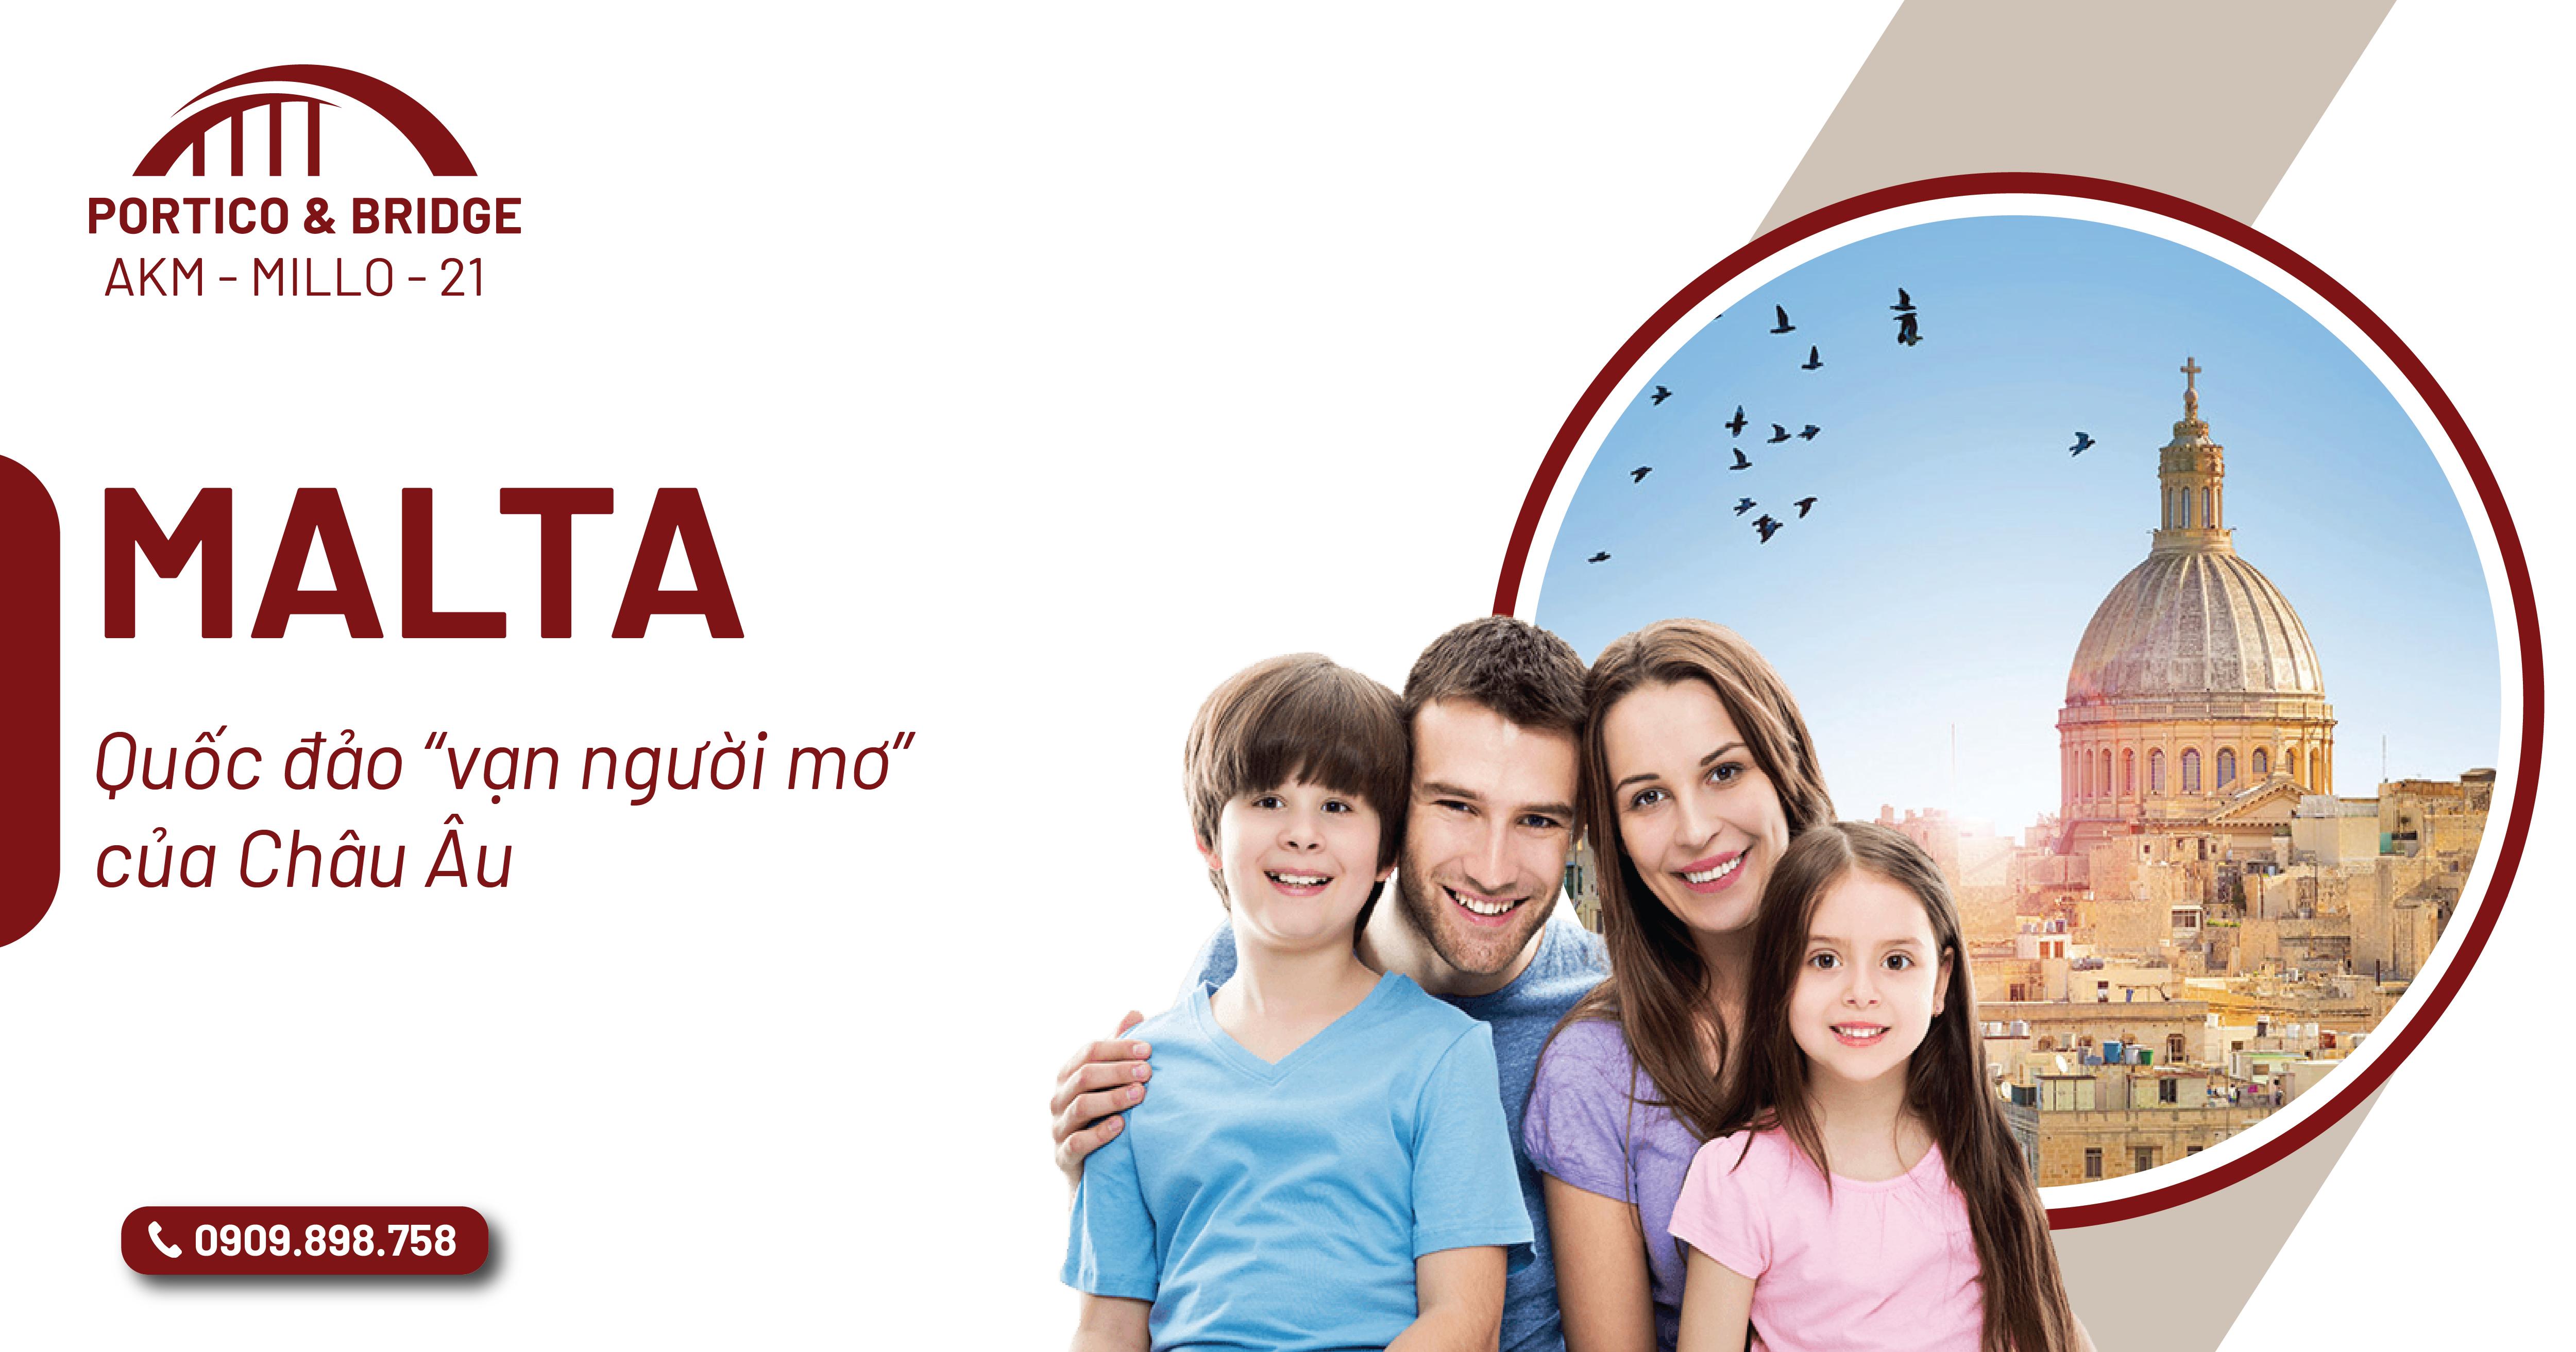 """Quốc đảo Malta """"vạn người mơ"""" của Châu Âu"""